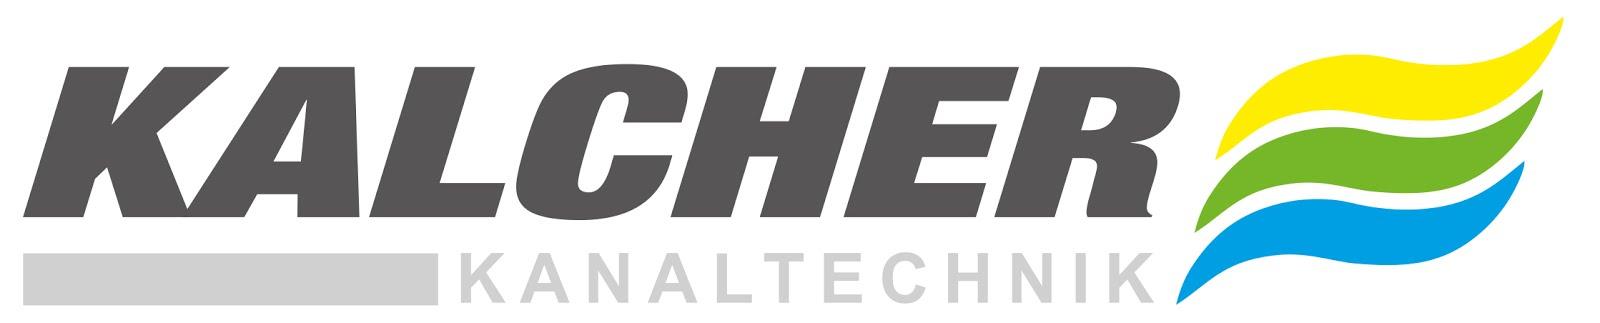 Kalcher Kanaltechnik